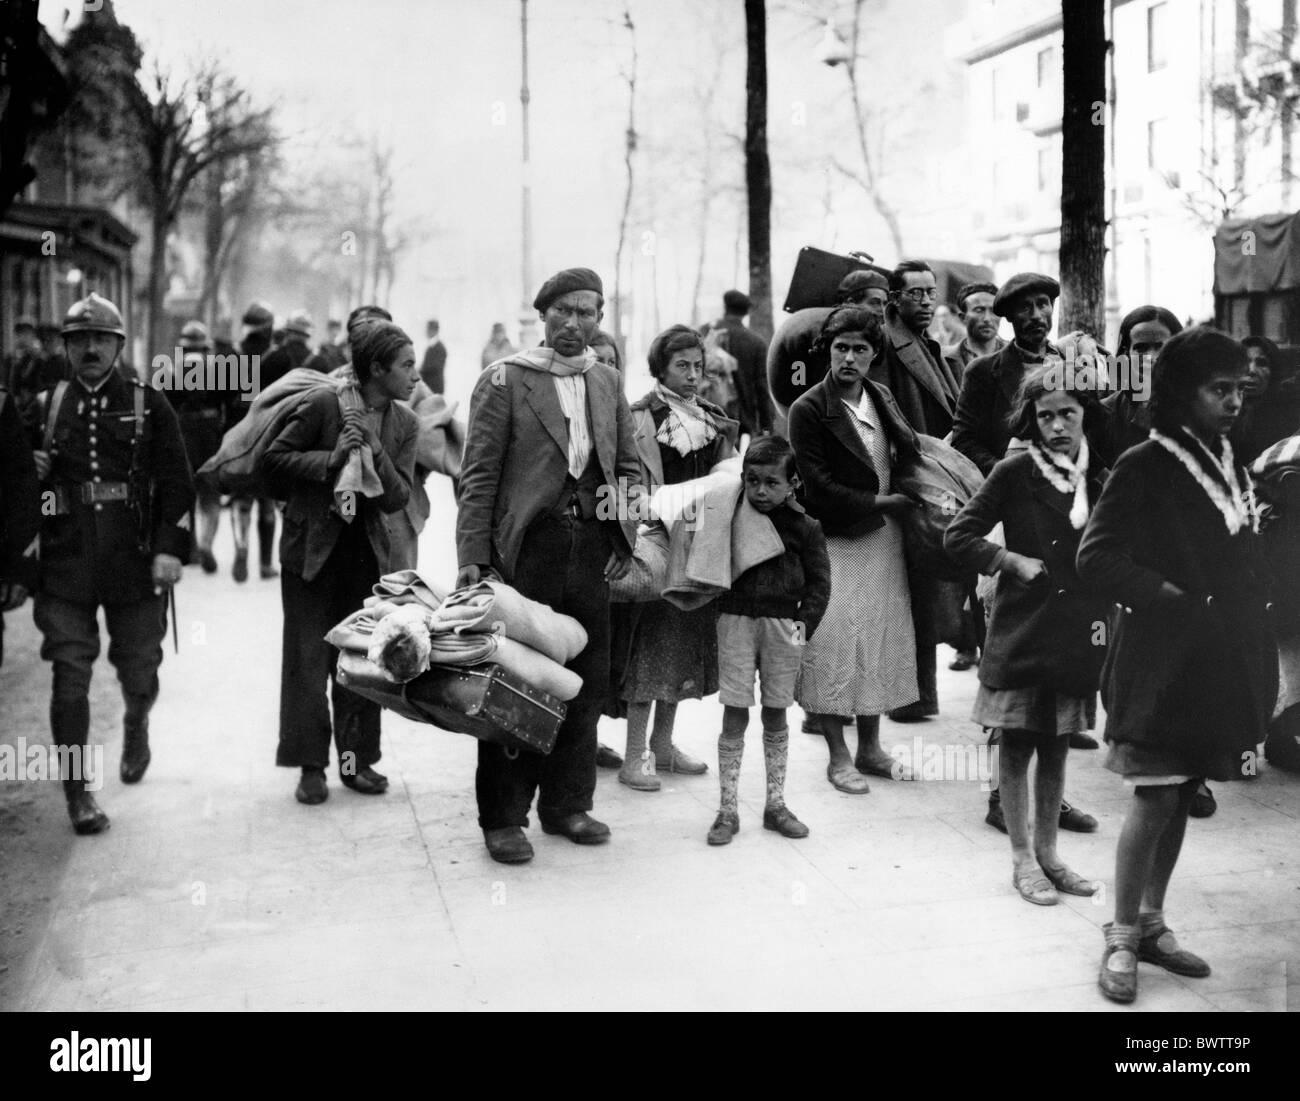 Spanien Europa spanischen Bürgerkrieg Flüchtling historische Geschichte historisch Luchon Frankreich Europa Stockbild